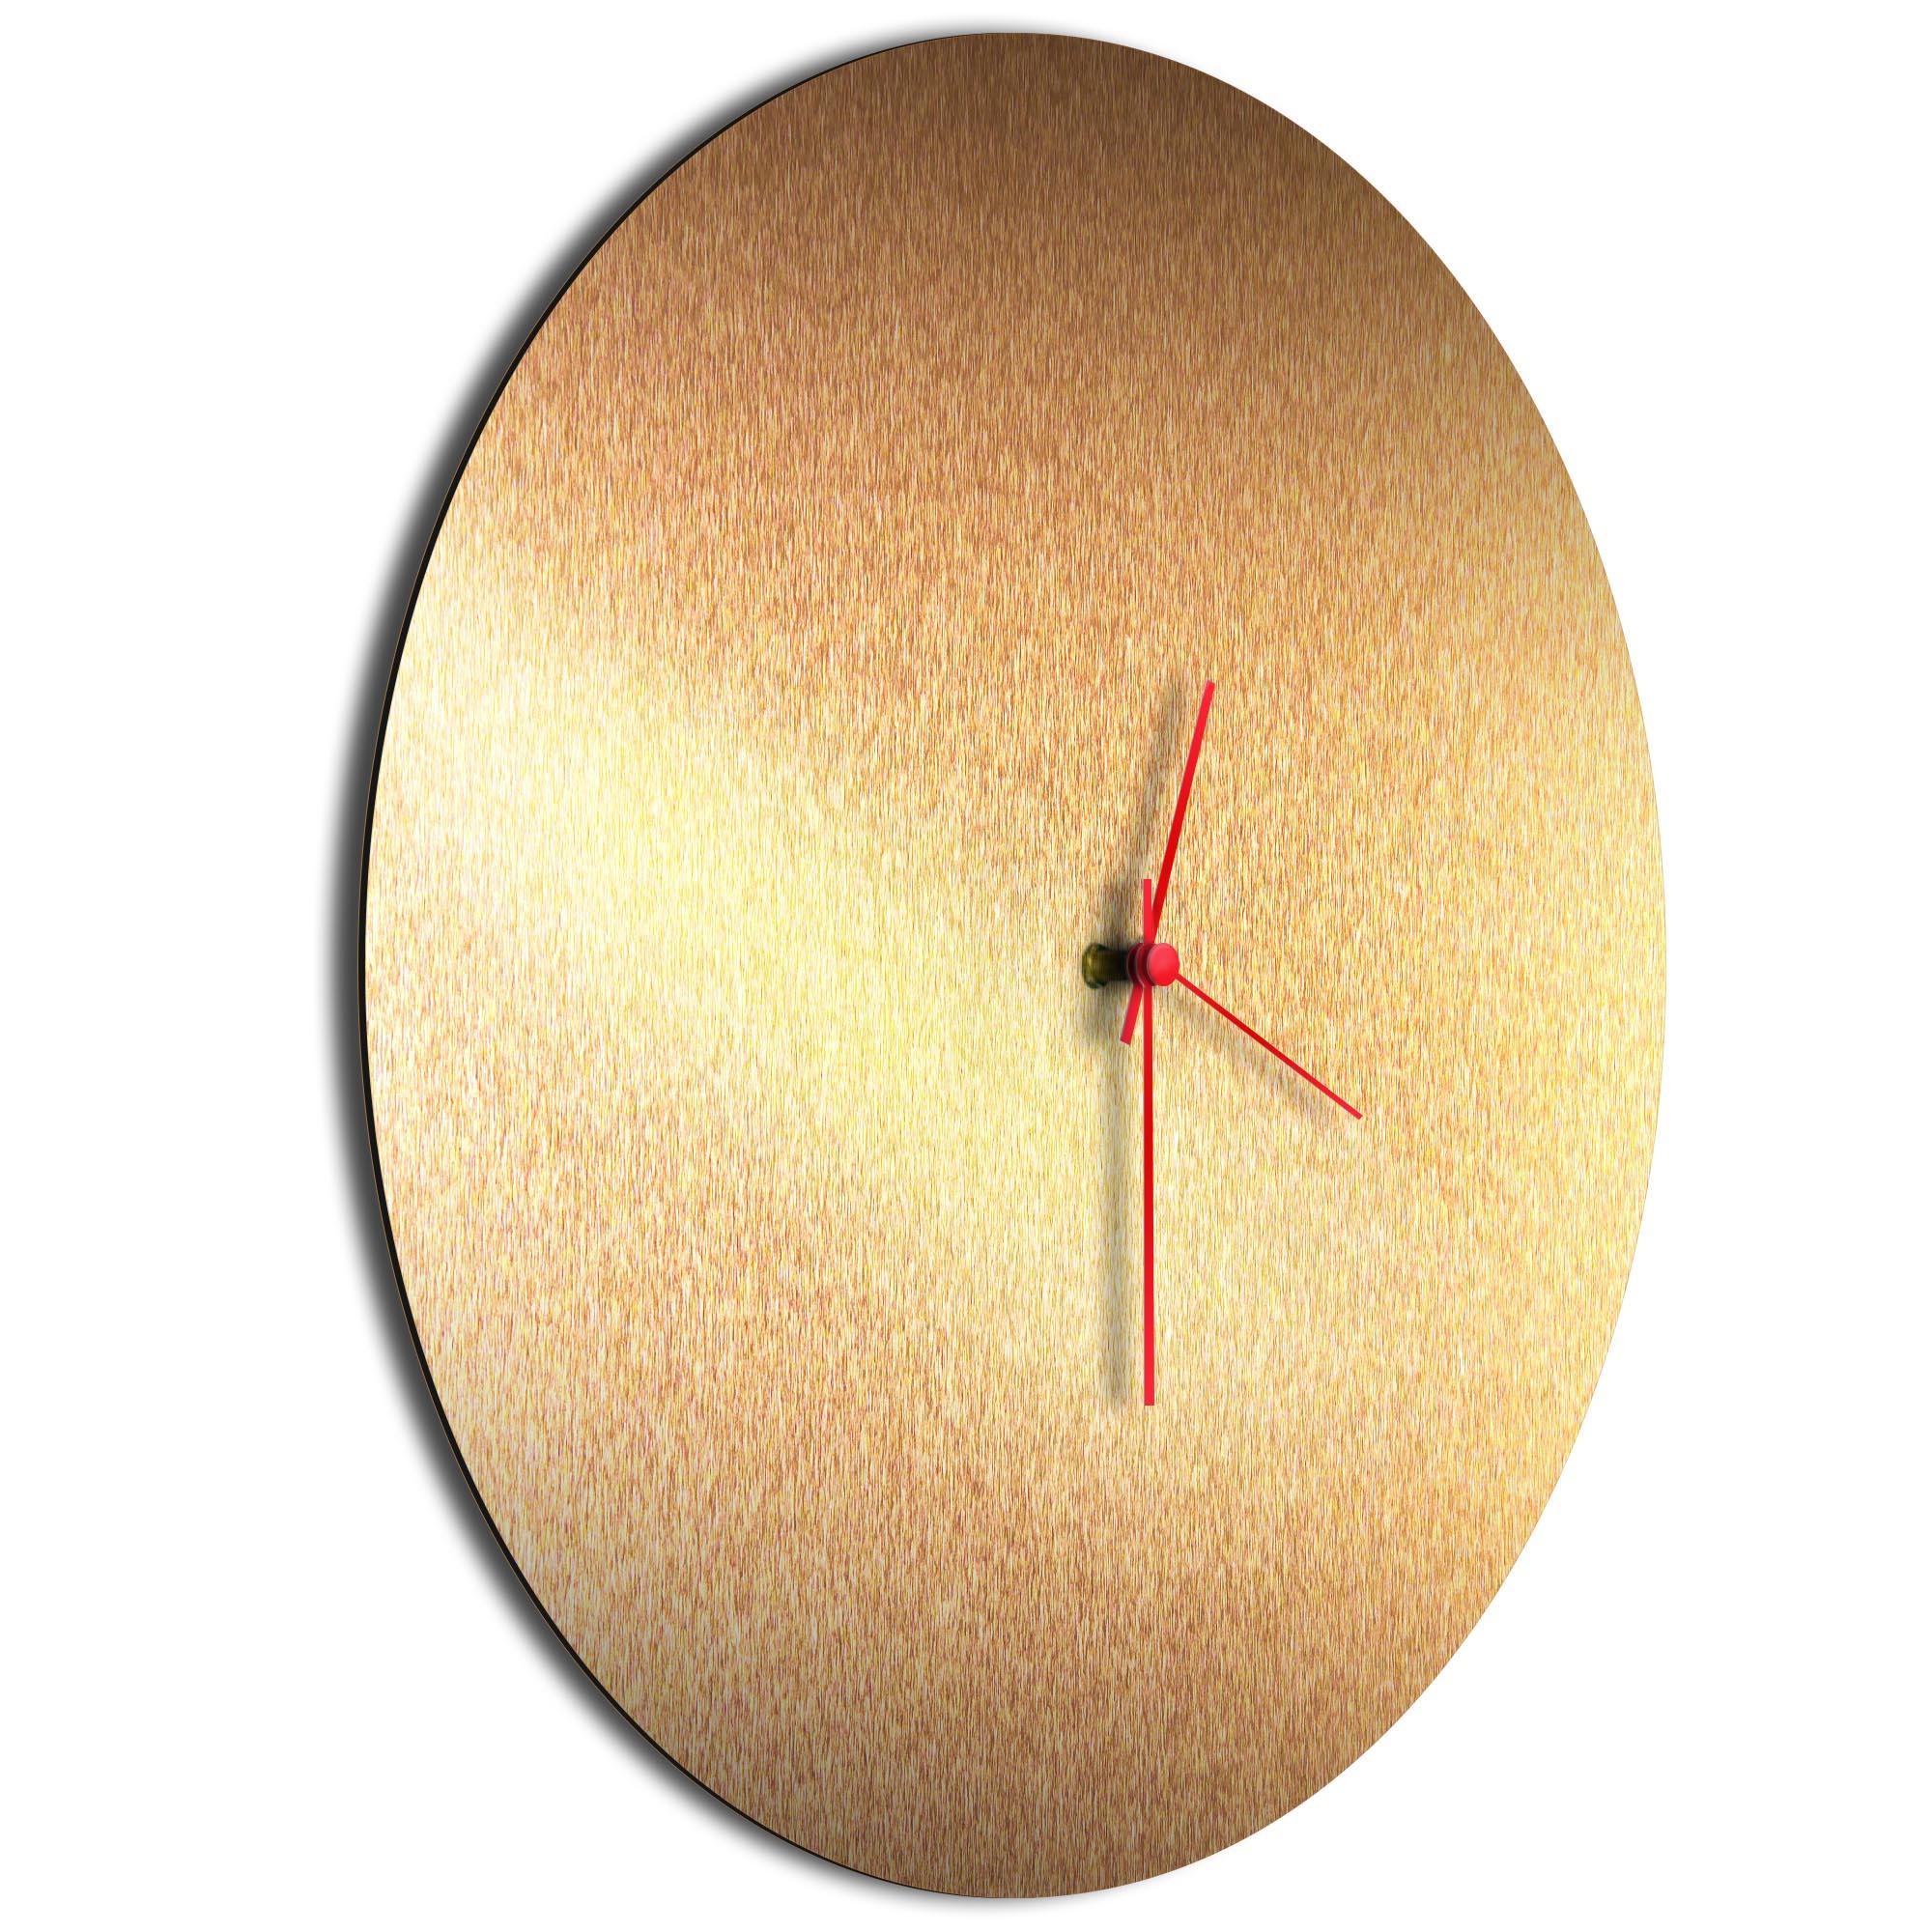 Bronzesmith Circle Clock Large Red - Image 2